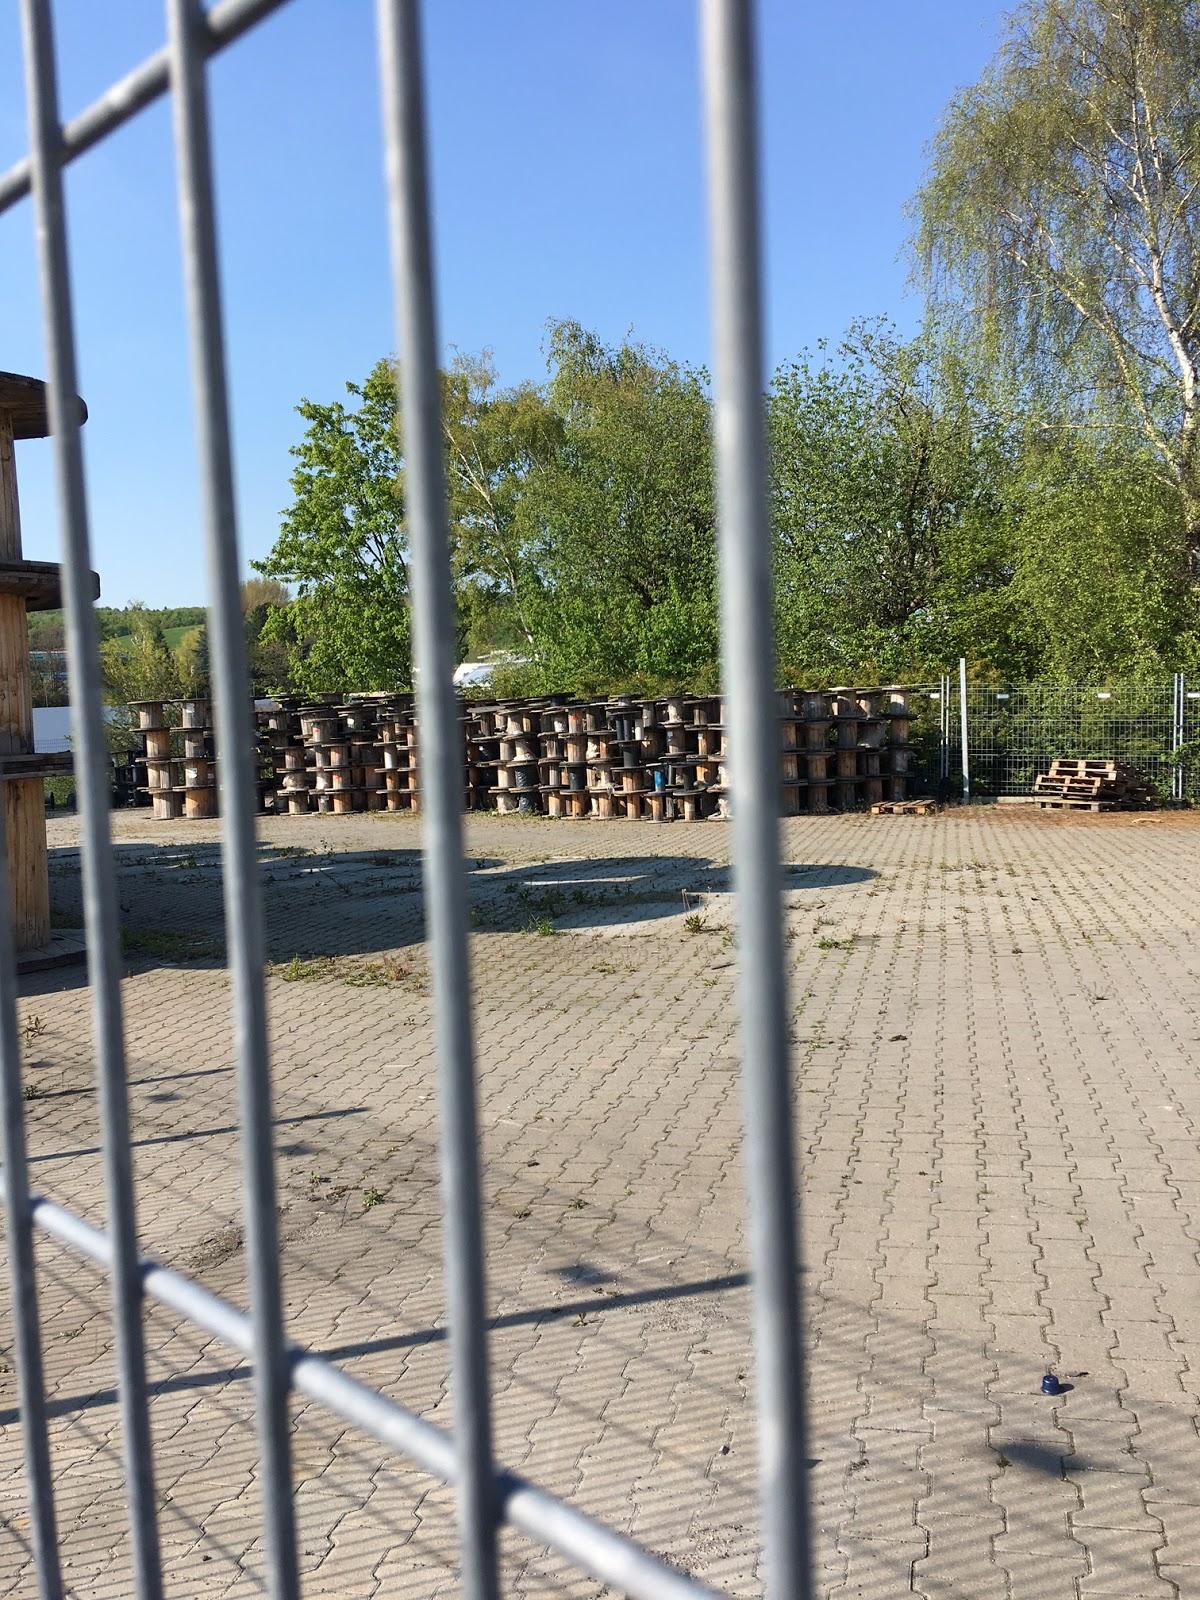 rolf´s penell blog: kupfer ist weg..holztrommeln will keiner, Einladung